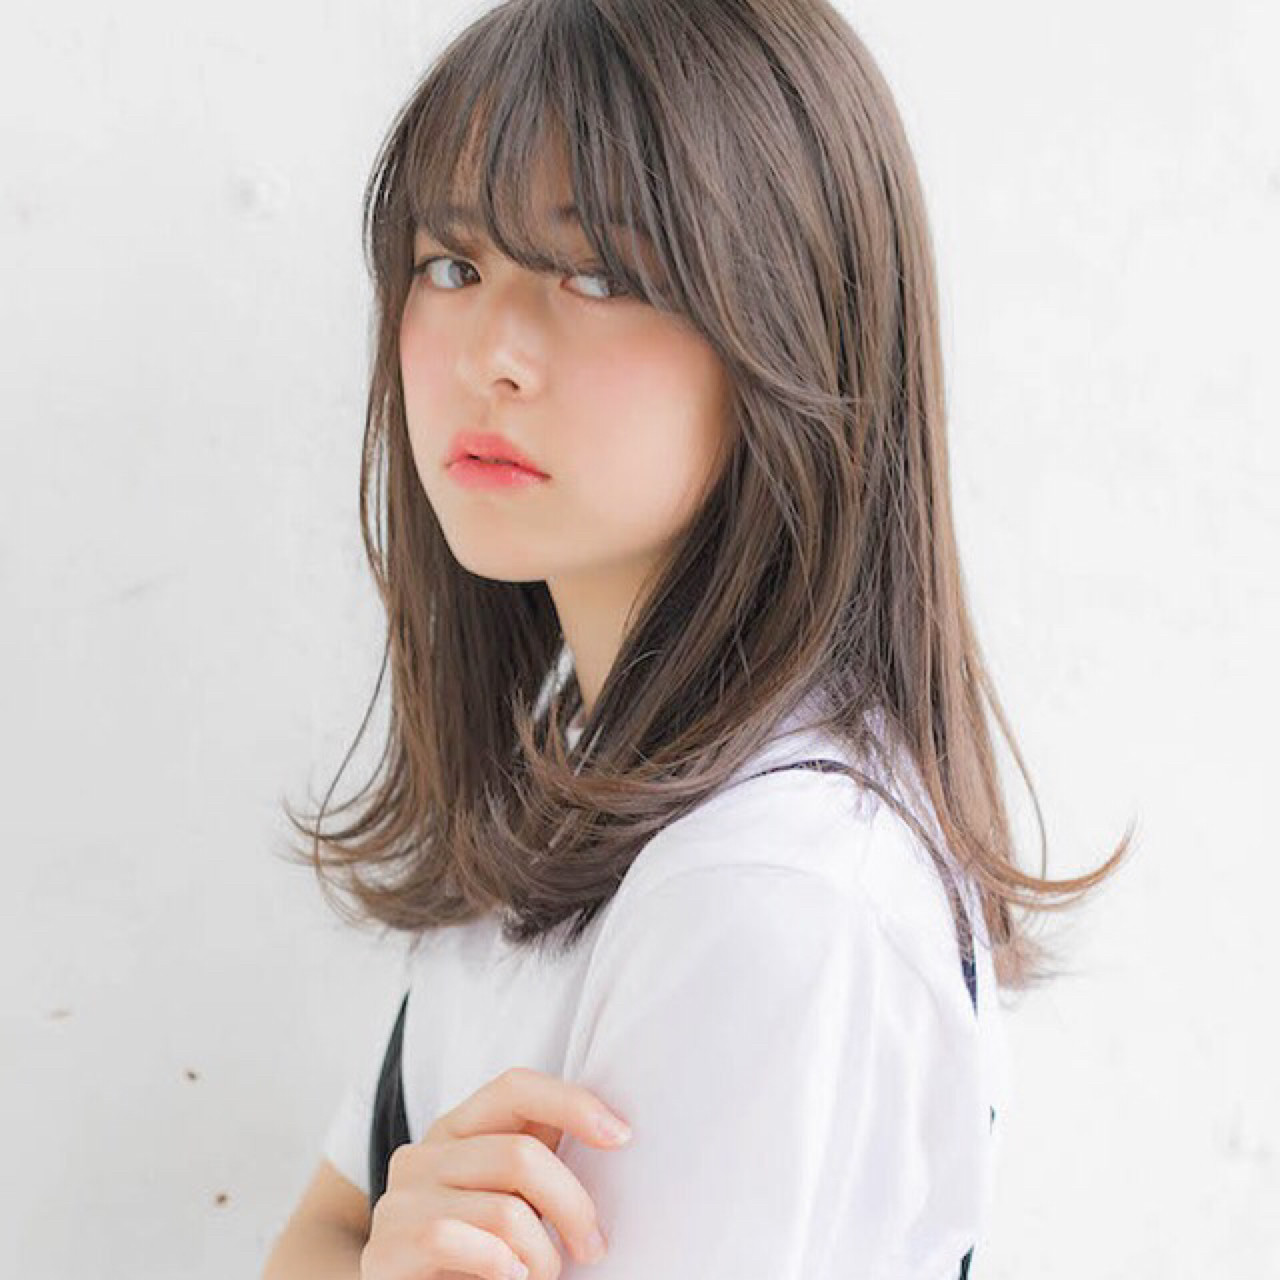 巻き方簡単!さらっと大人っぽく横に流す 竹澤 優/relian銀座Top stylist